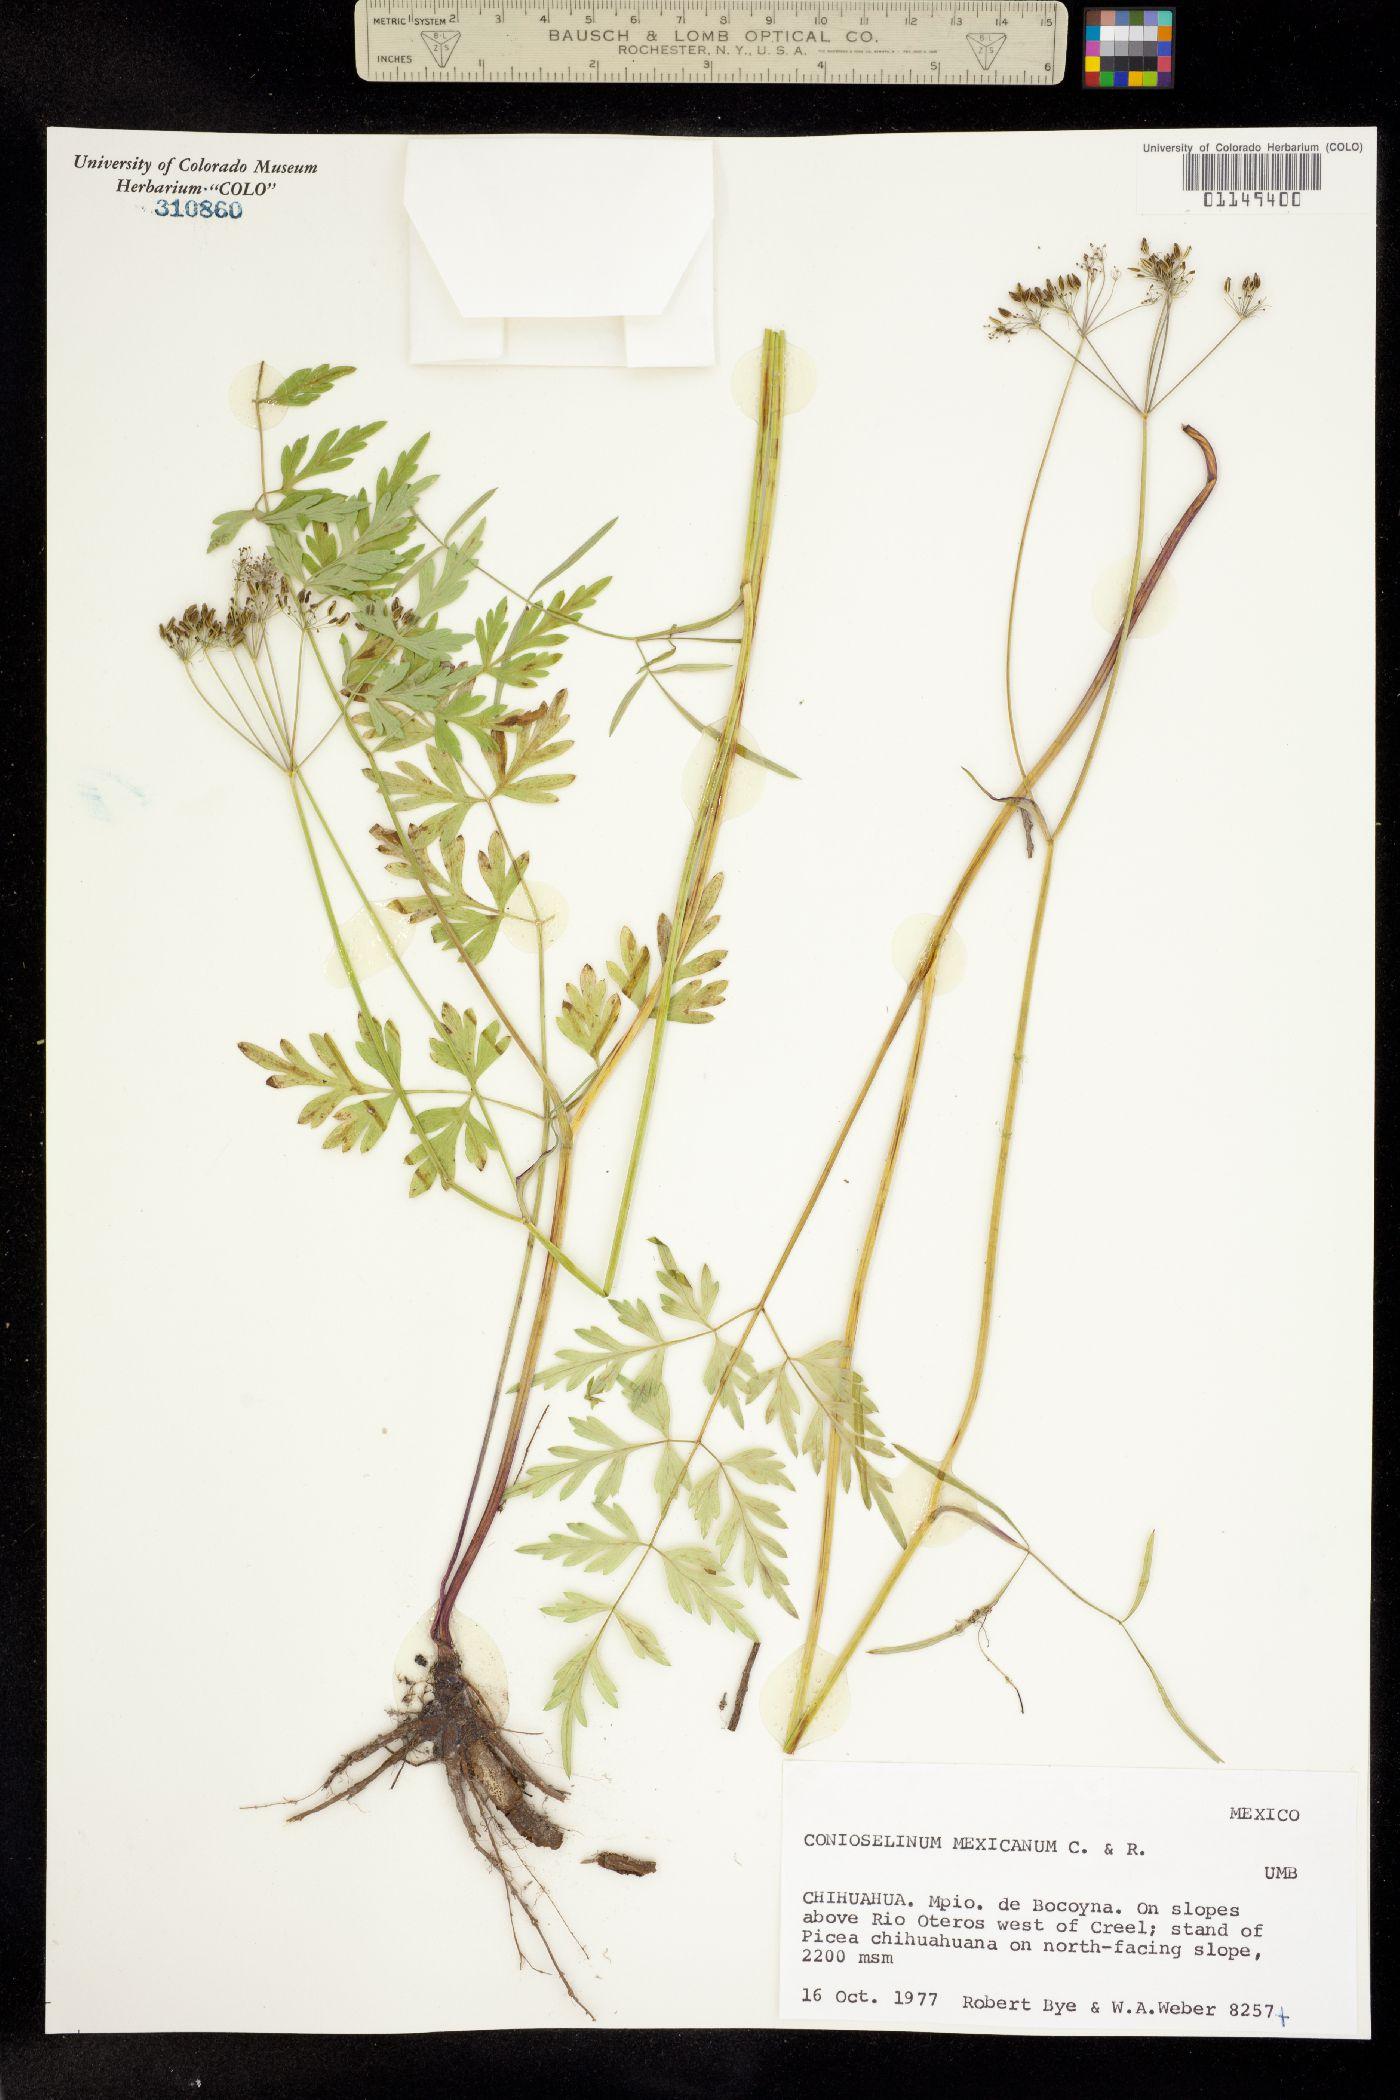 Conioselinum mexicanum image